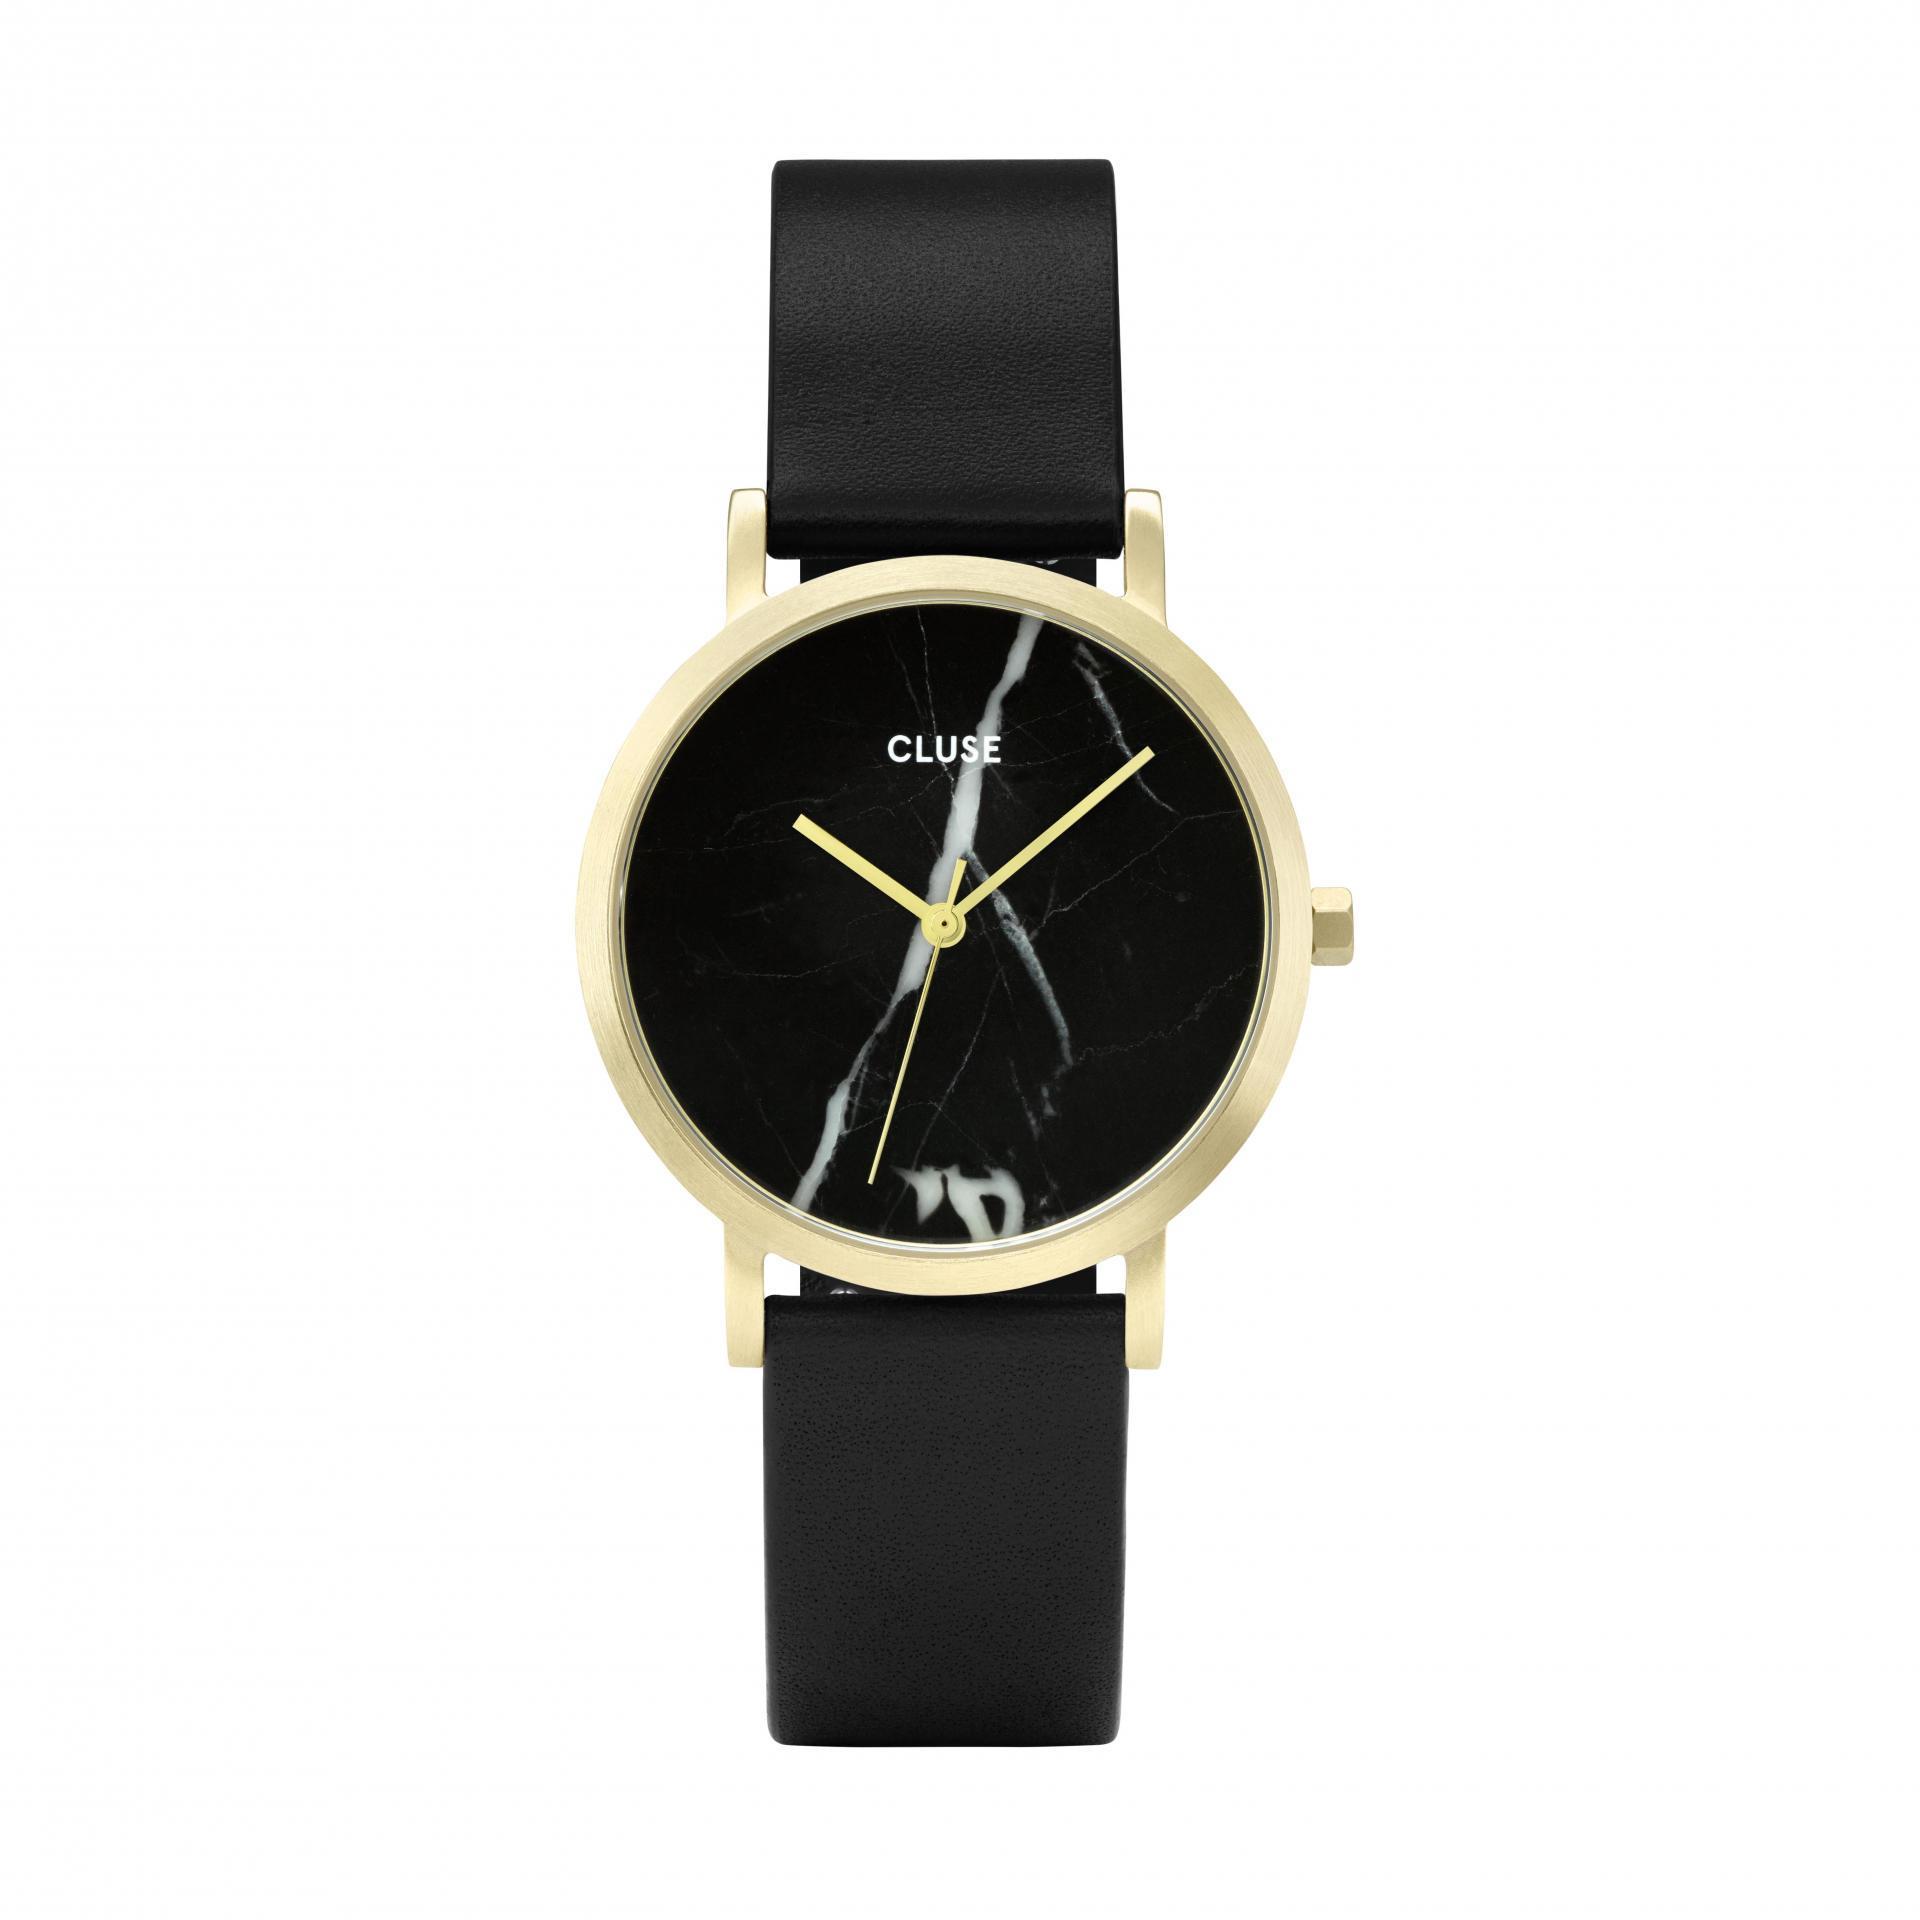 CLUSE Hodinky Cluse La Roche Petite Gold Black Marble/Black, černá barva, zlatá barva, kov, kůže, mramor